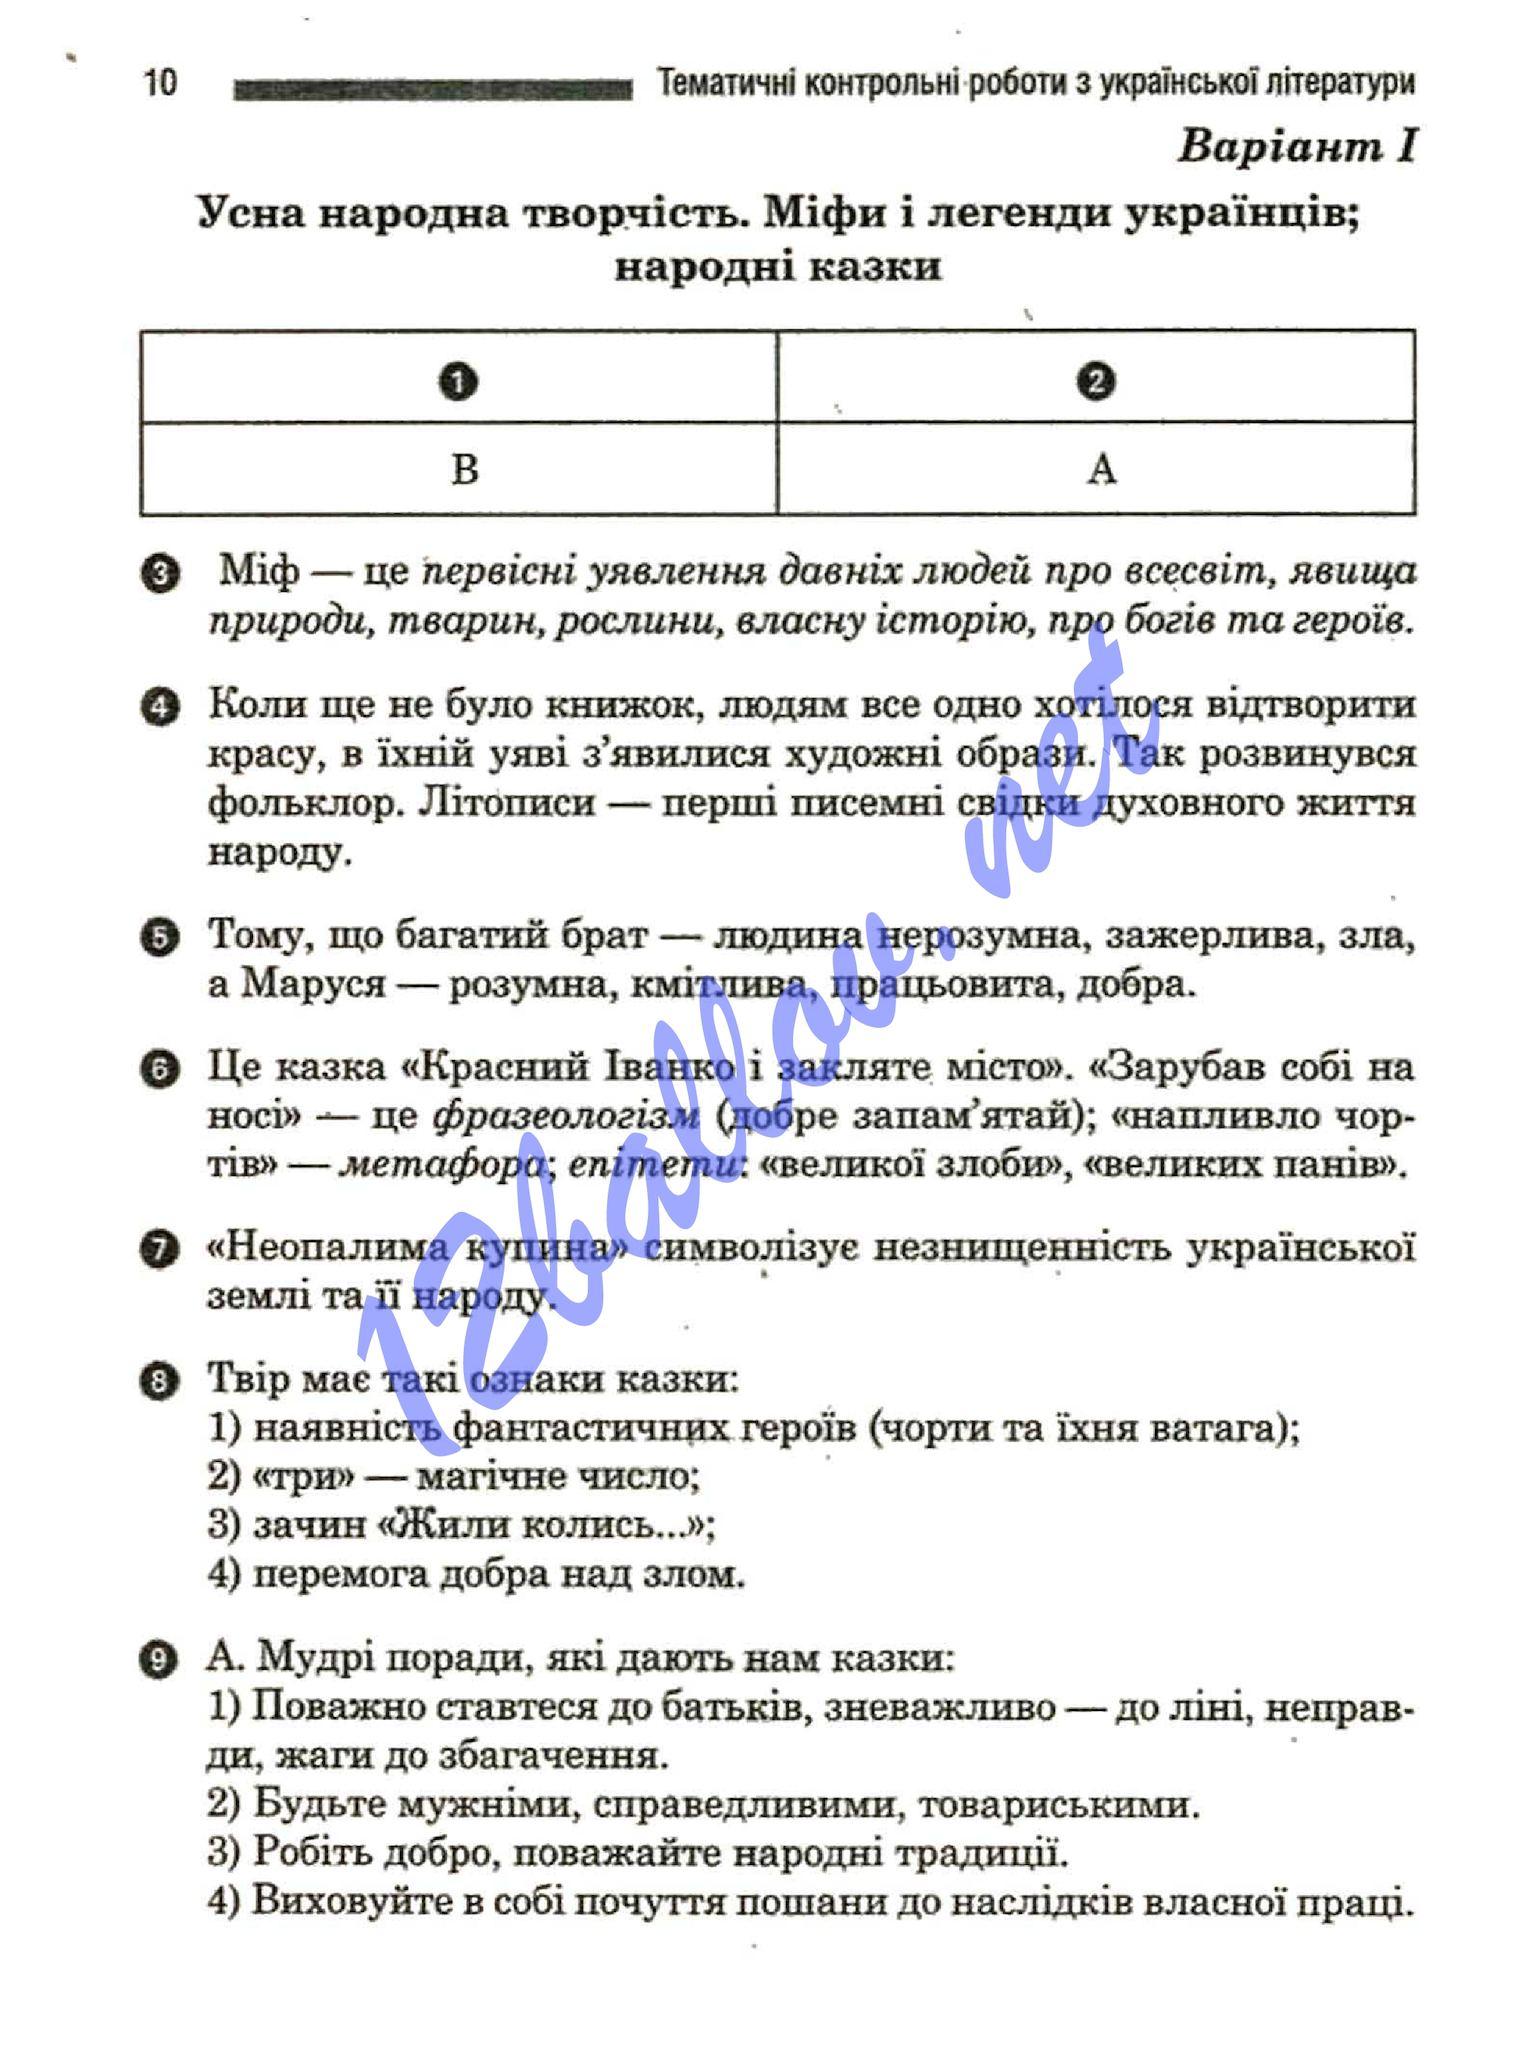 Комплексний зошит для контролю знань Українська література 5 клас Паращич